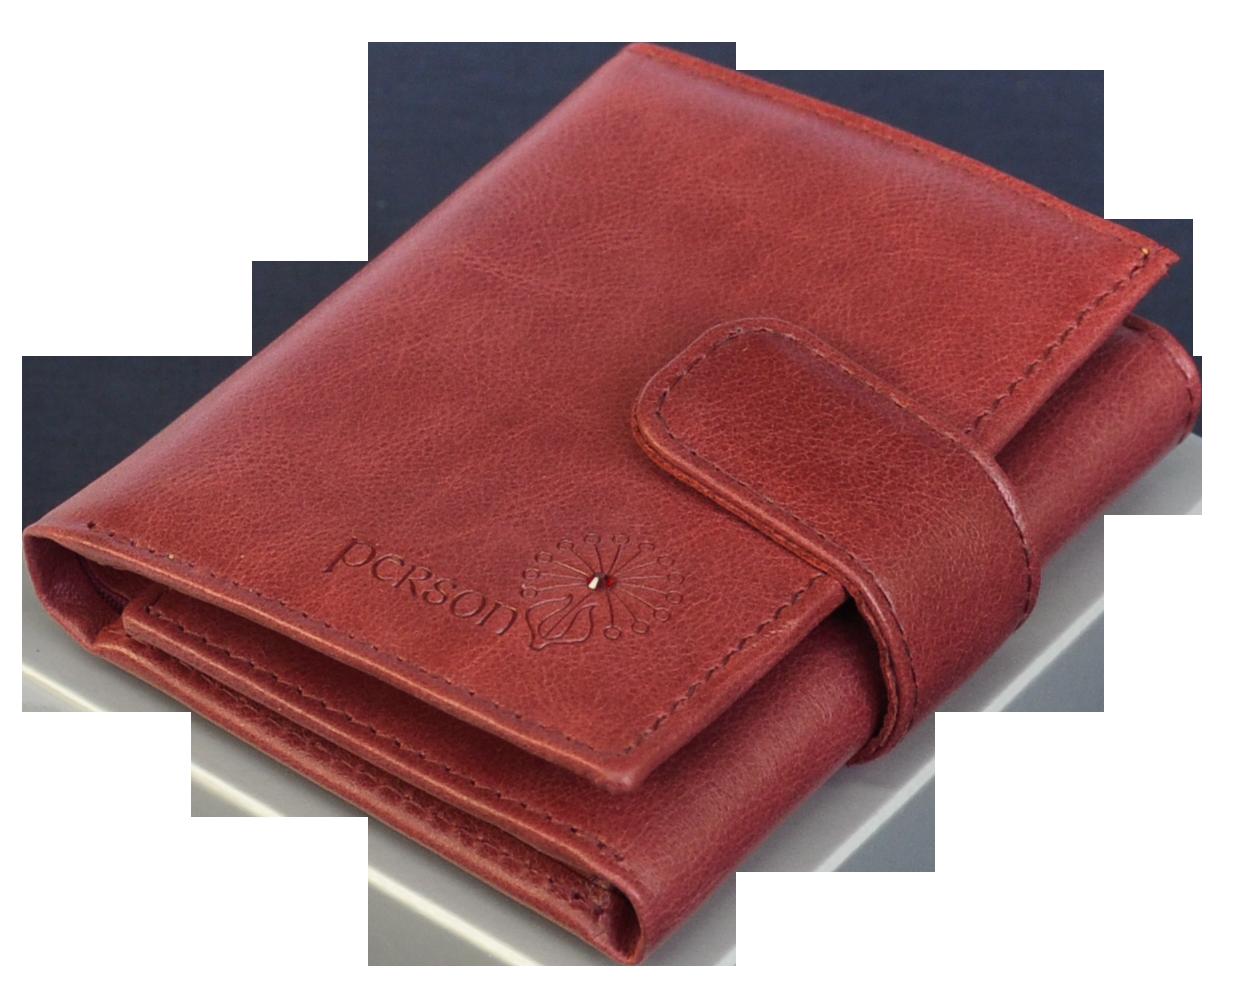 Кошелек портмоне женское натуральная кожа С-Джари друид красный Флауэрс — купить по выгодной цене на Яндекс.Маркете